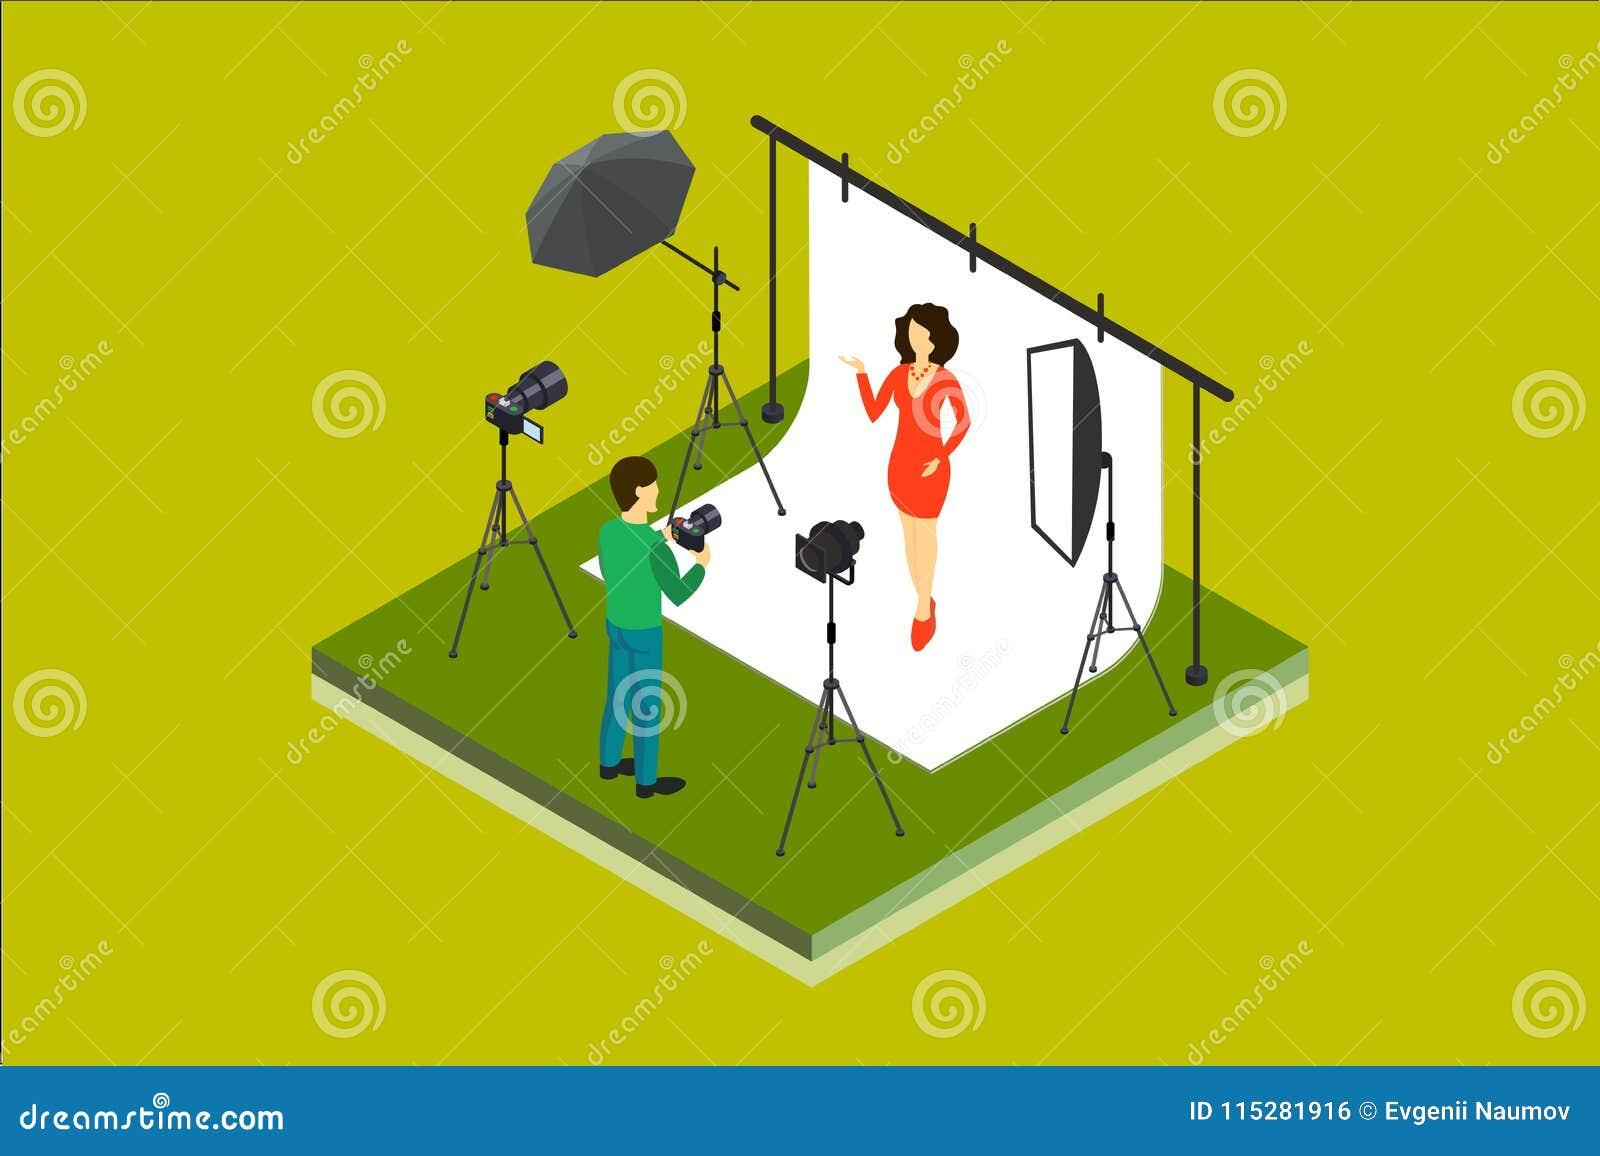 Fotograf Shooting Model im Studio Fotoausrüstungsdigitalkamera, softbox, Scheinwerfer, Hintergrund, Regenschirm isometrisch